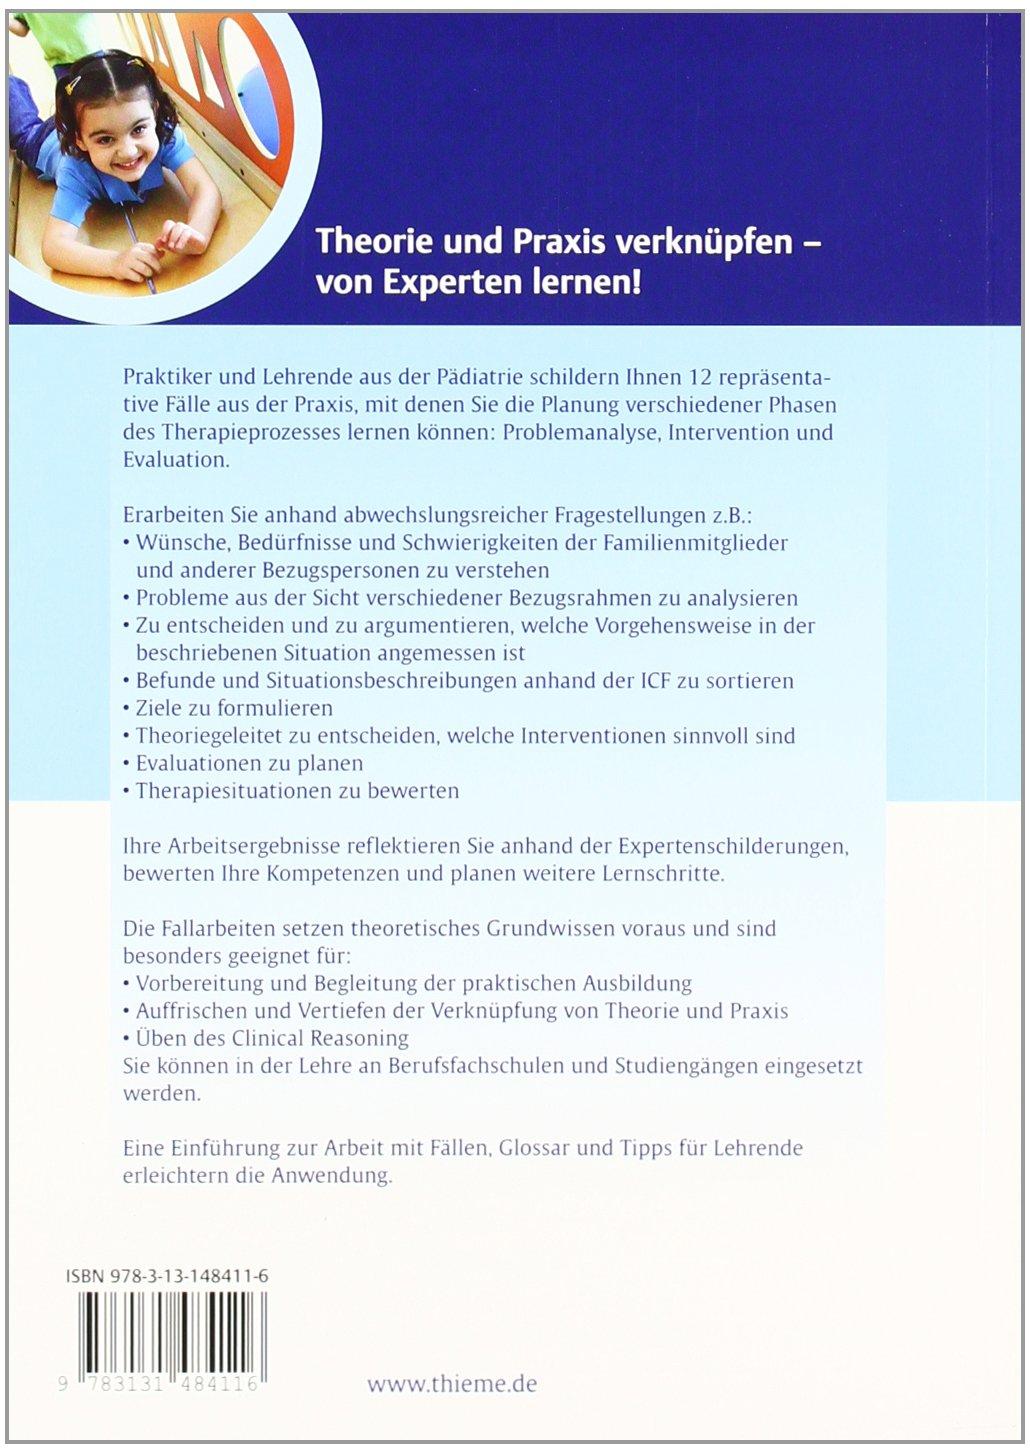 Fallbuch zur Ergotherapie in der Pädiatrie Fallbuch Ergotherapie ...